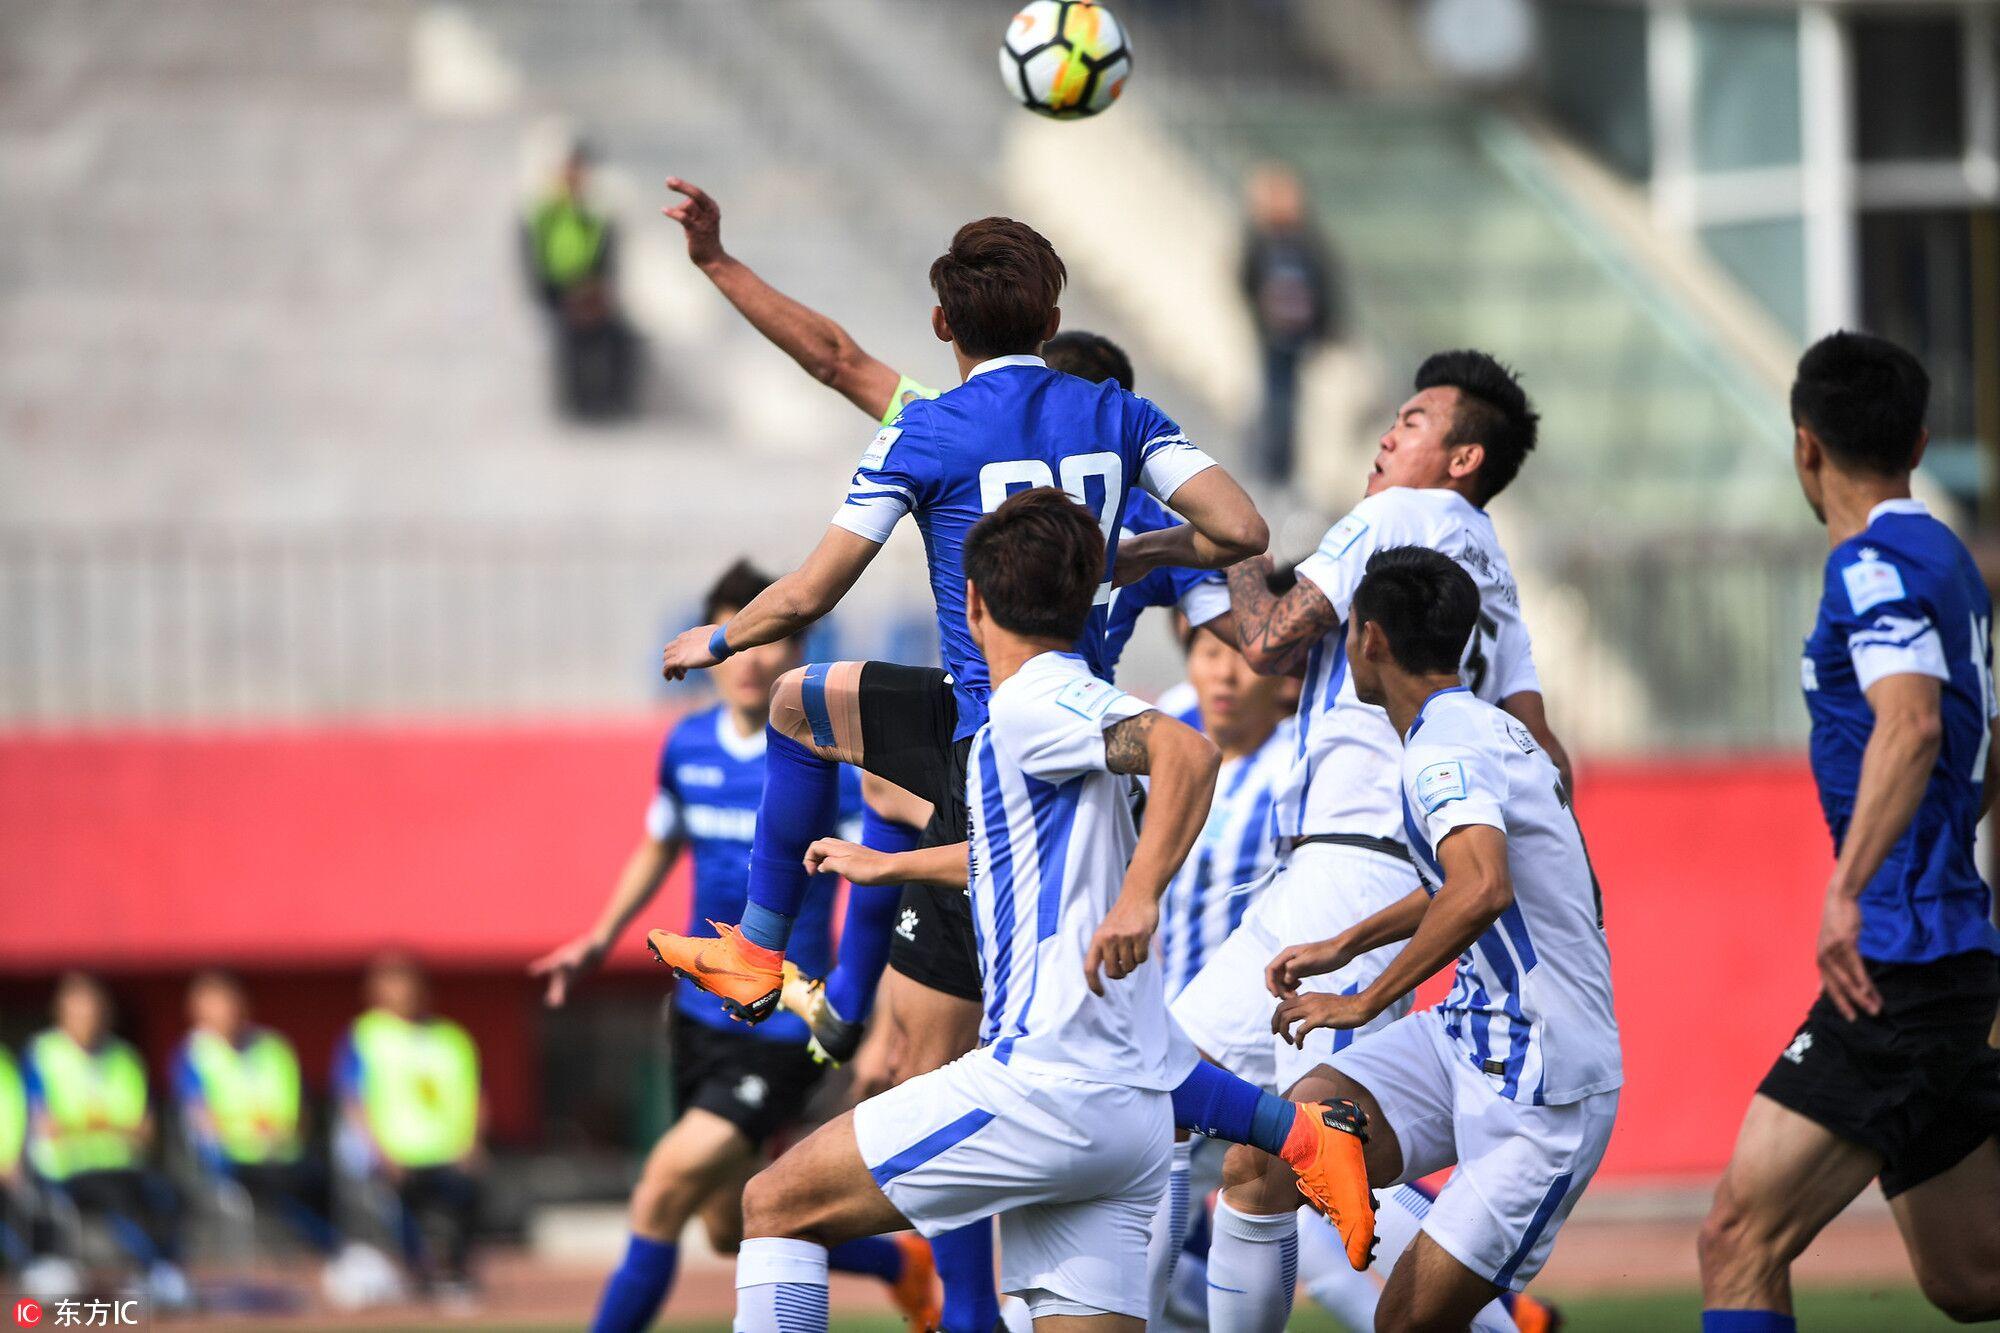 足协杯:张佳祺卢琳进球,富力客场2-1逆转沈阳城建